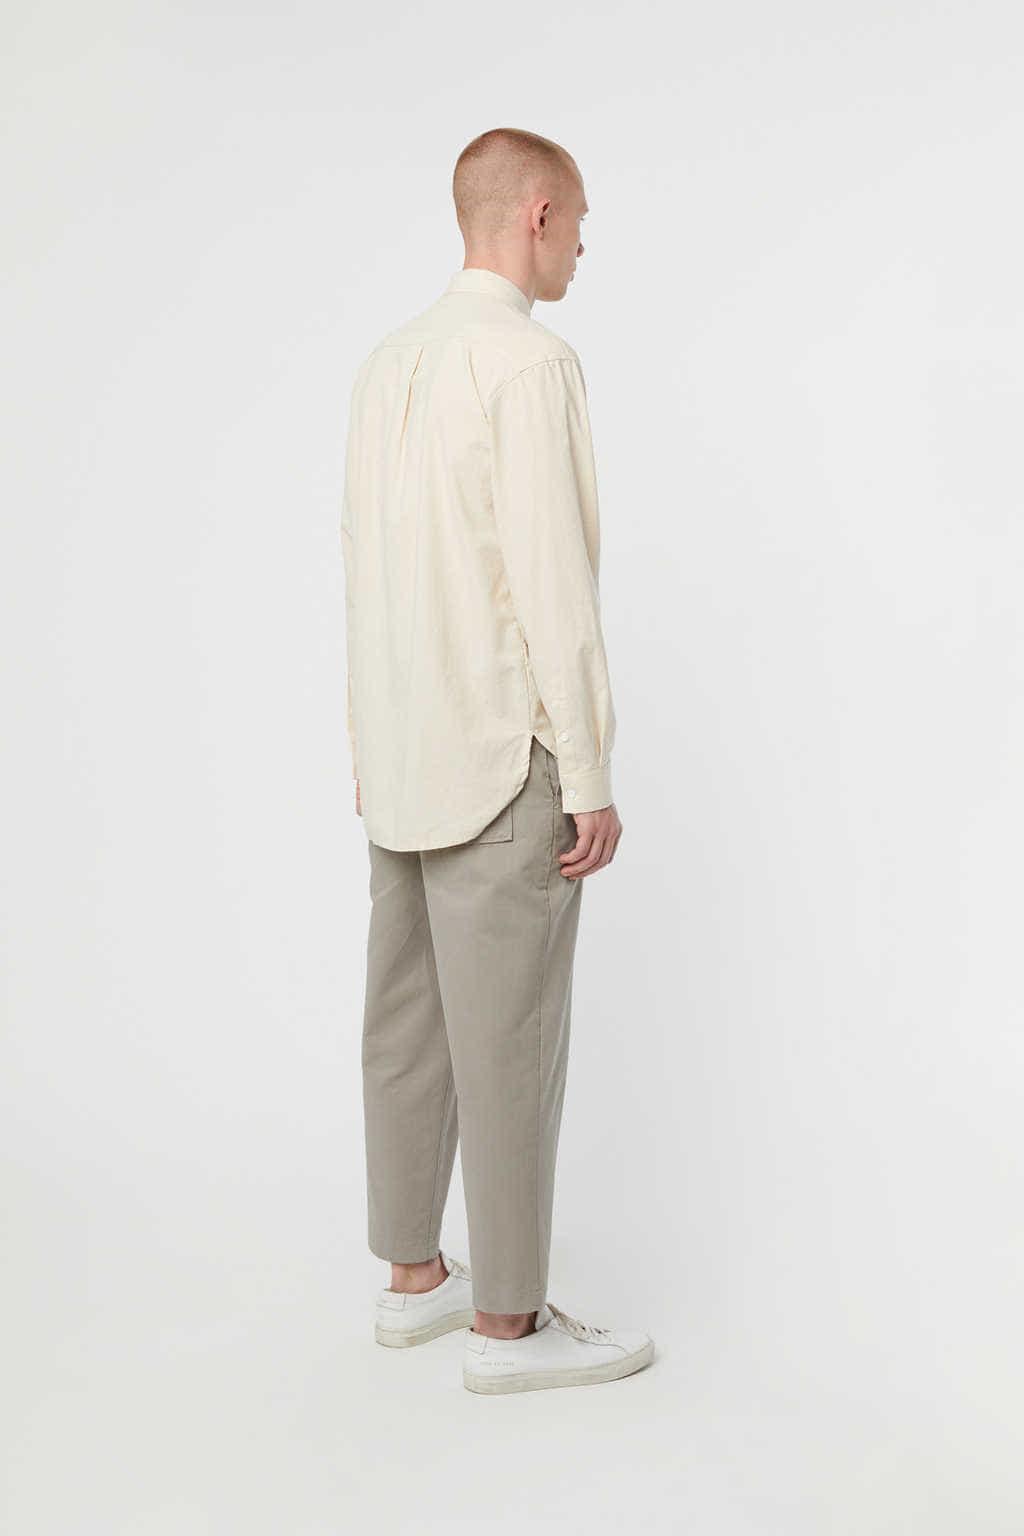 Shirt K001 Cream 4